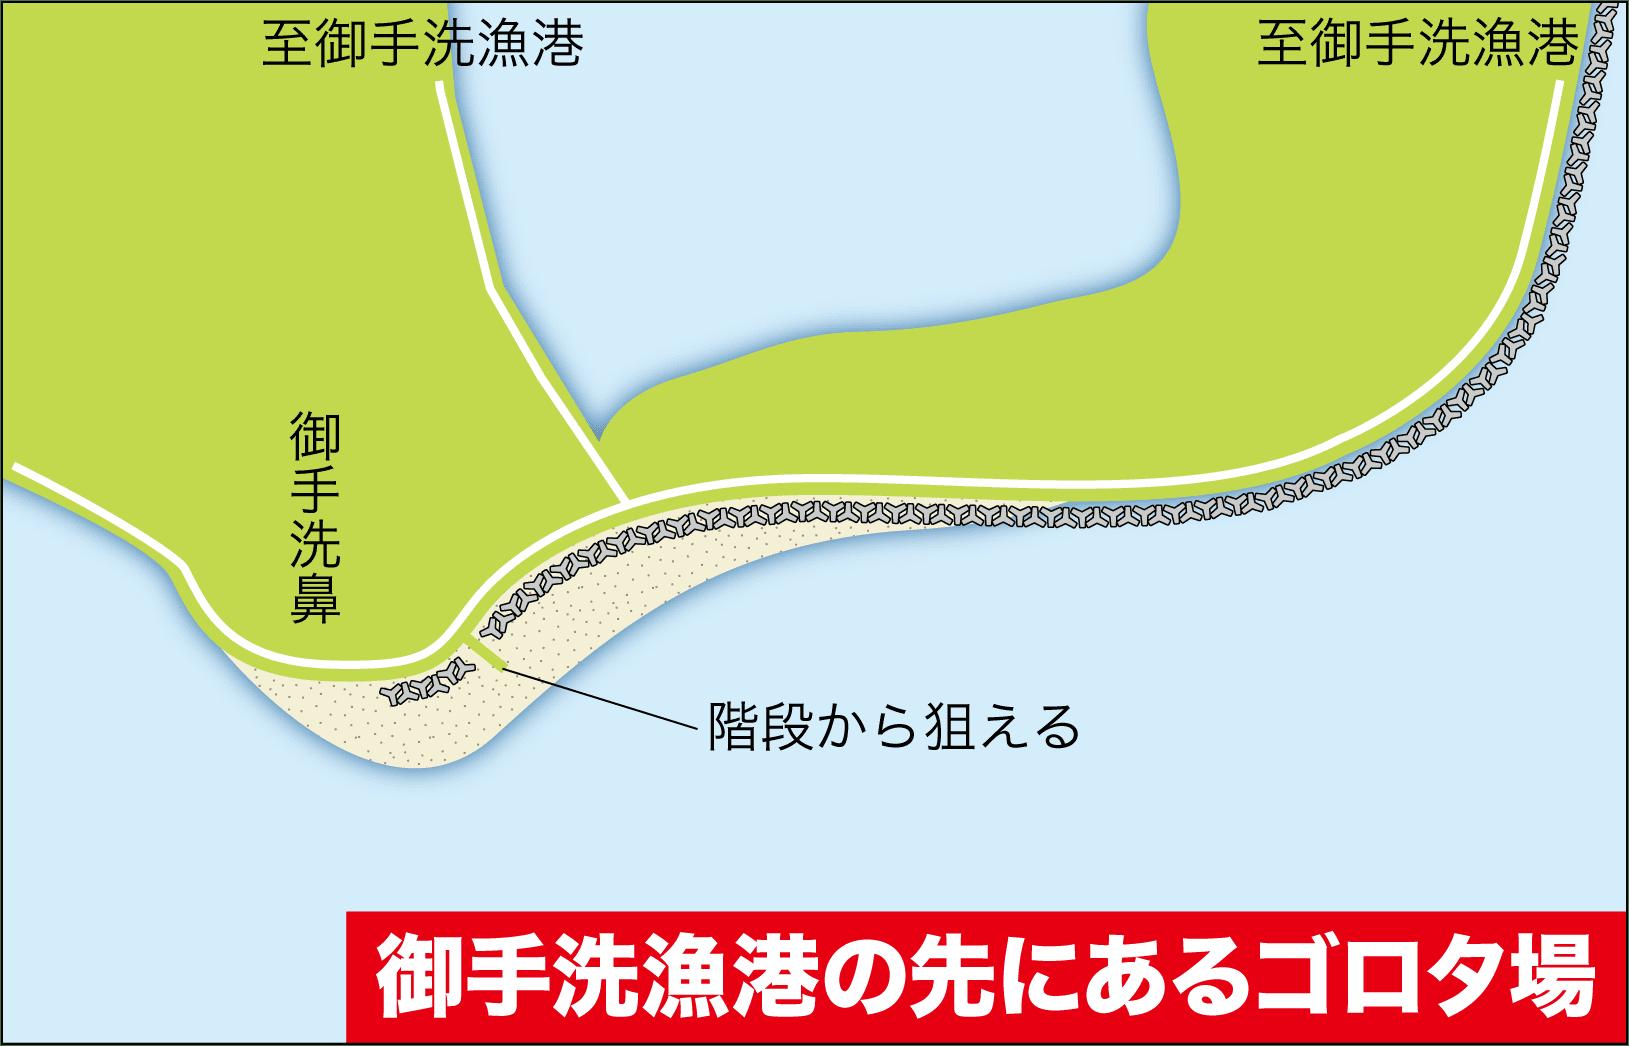 ライブショット17興居島10